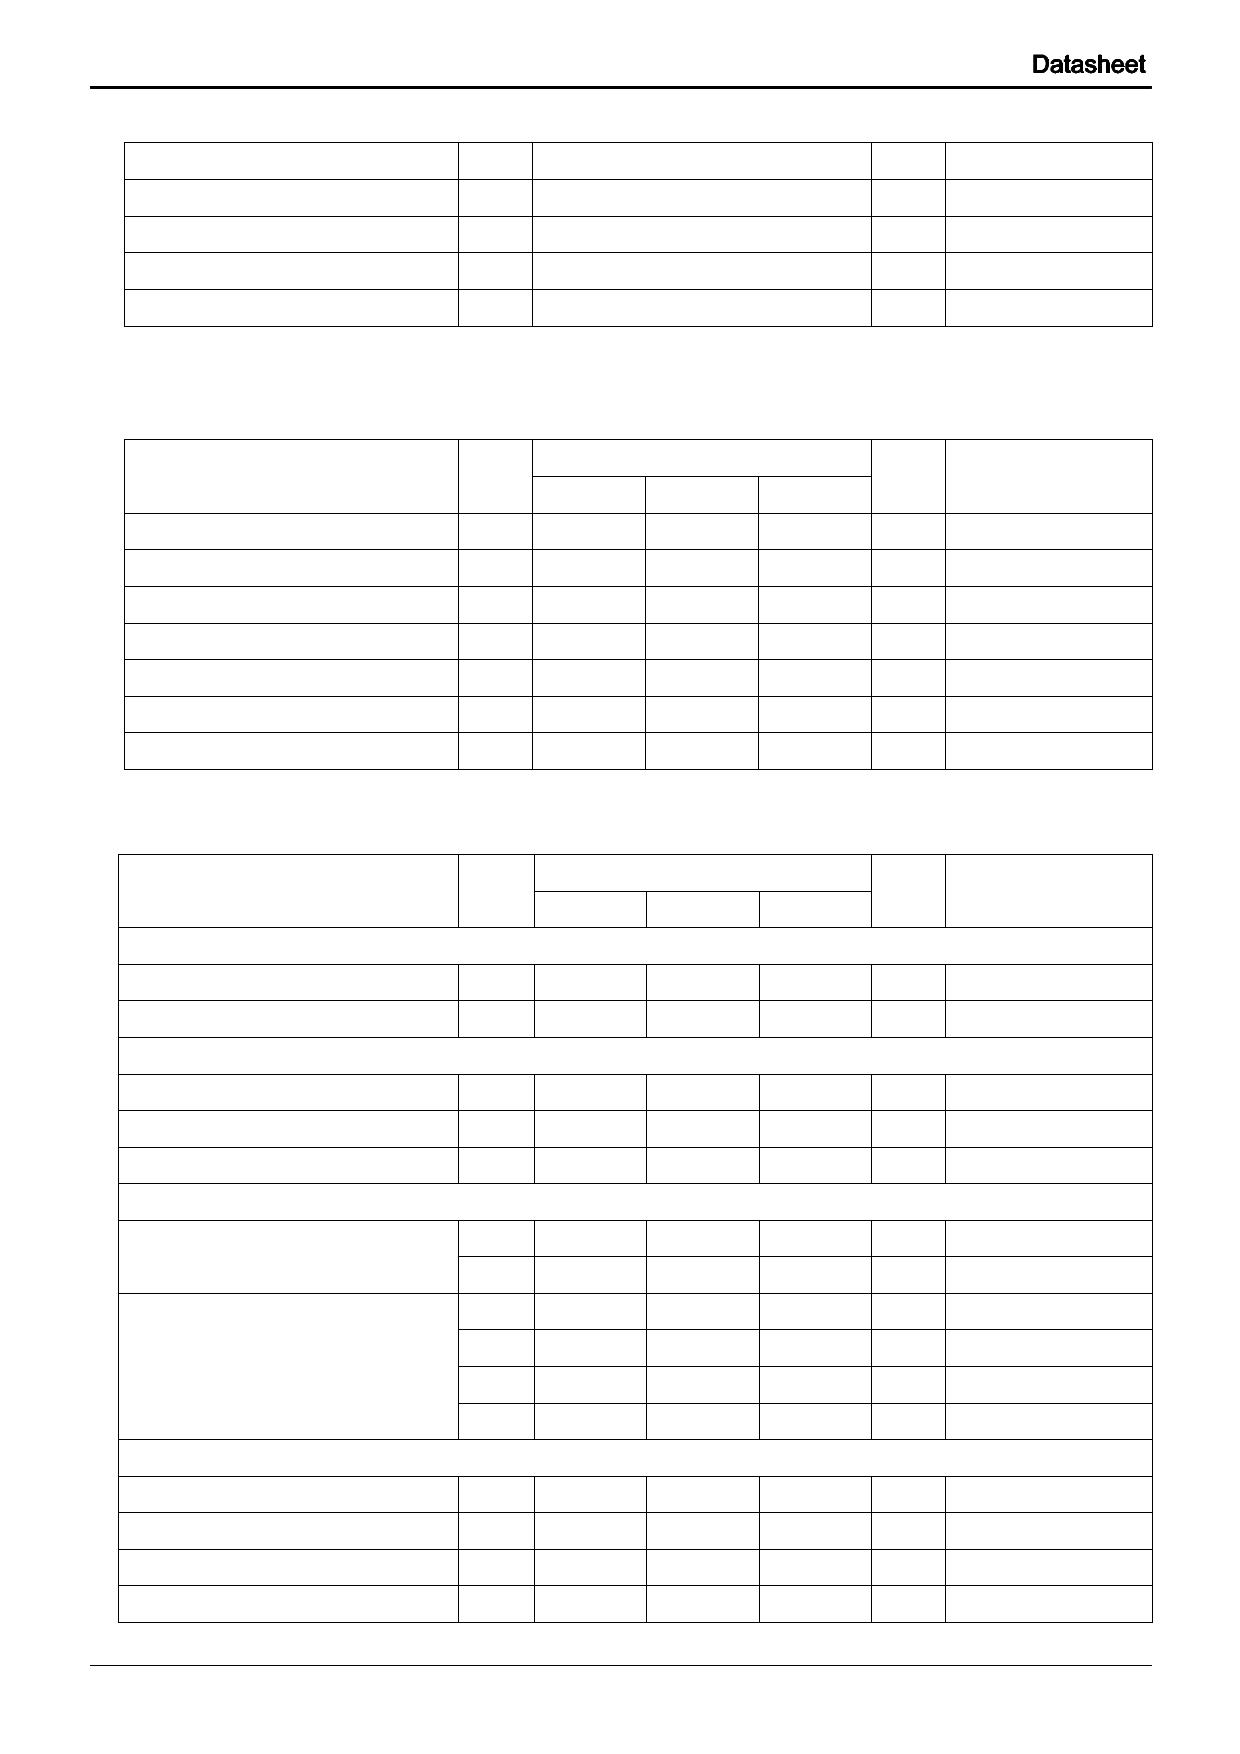 BH2228FV pdf, ピン配列